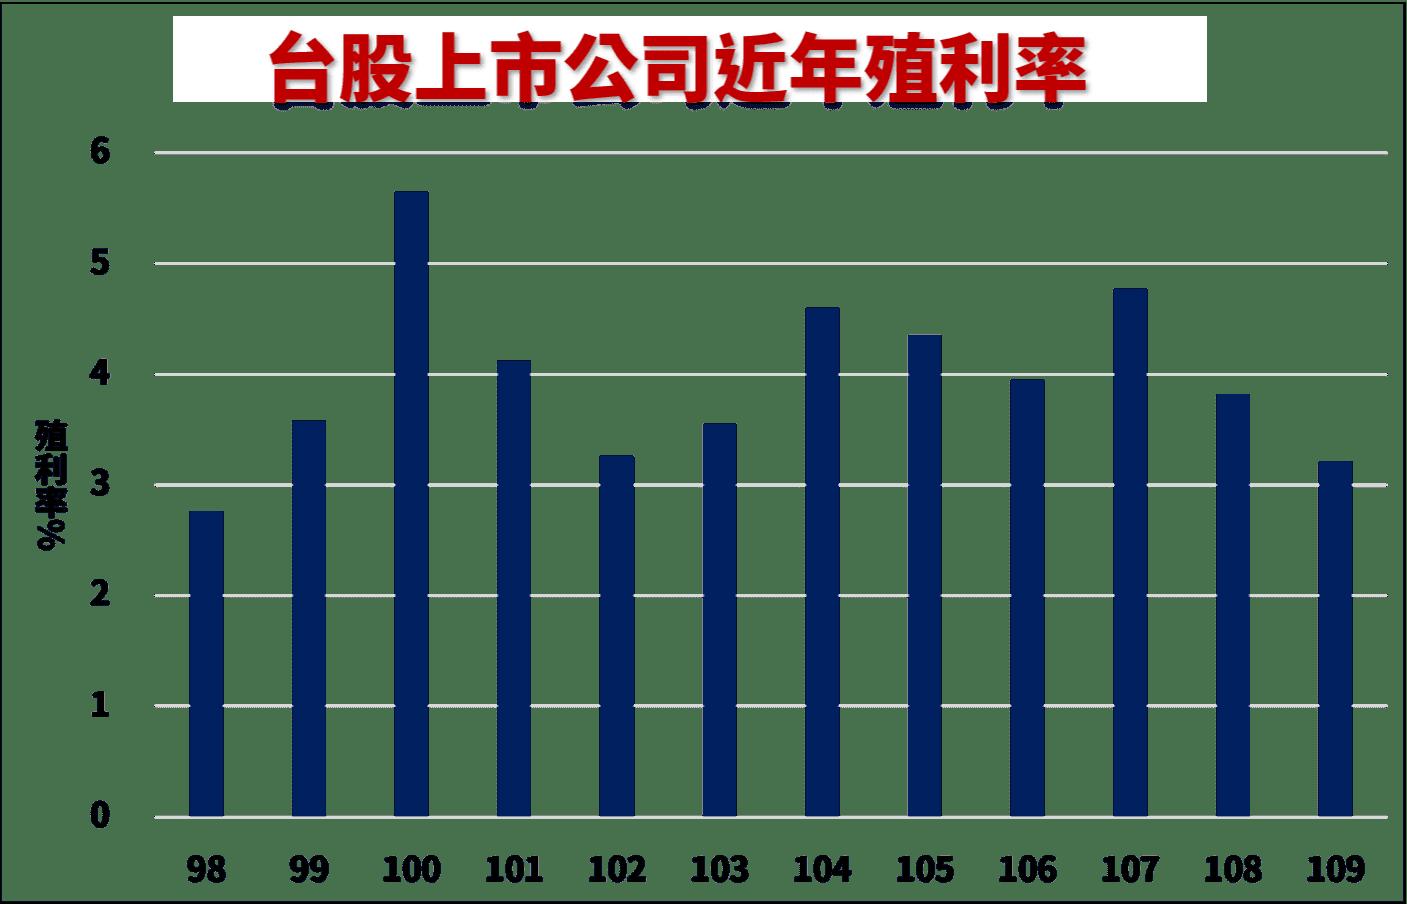 台股上市公司殖利率